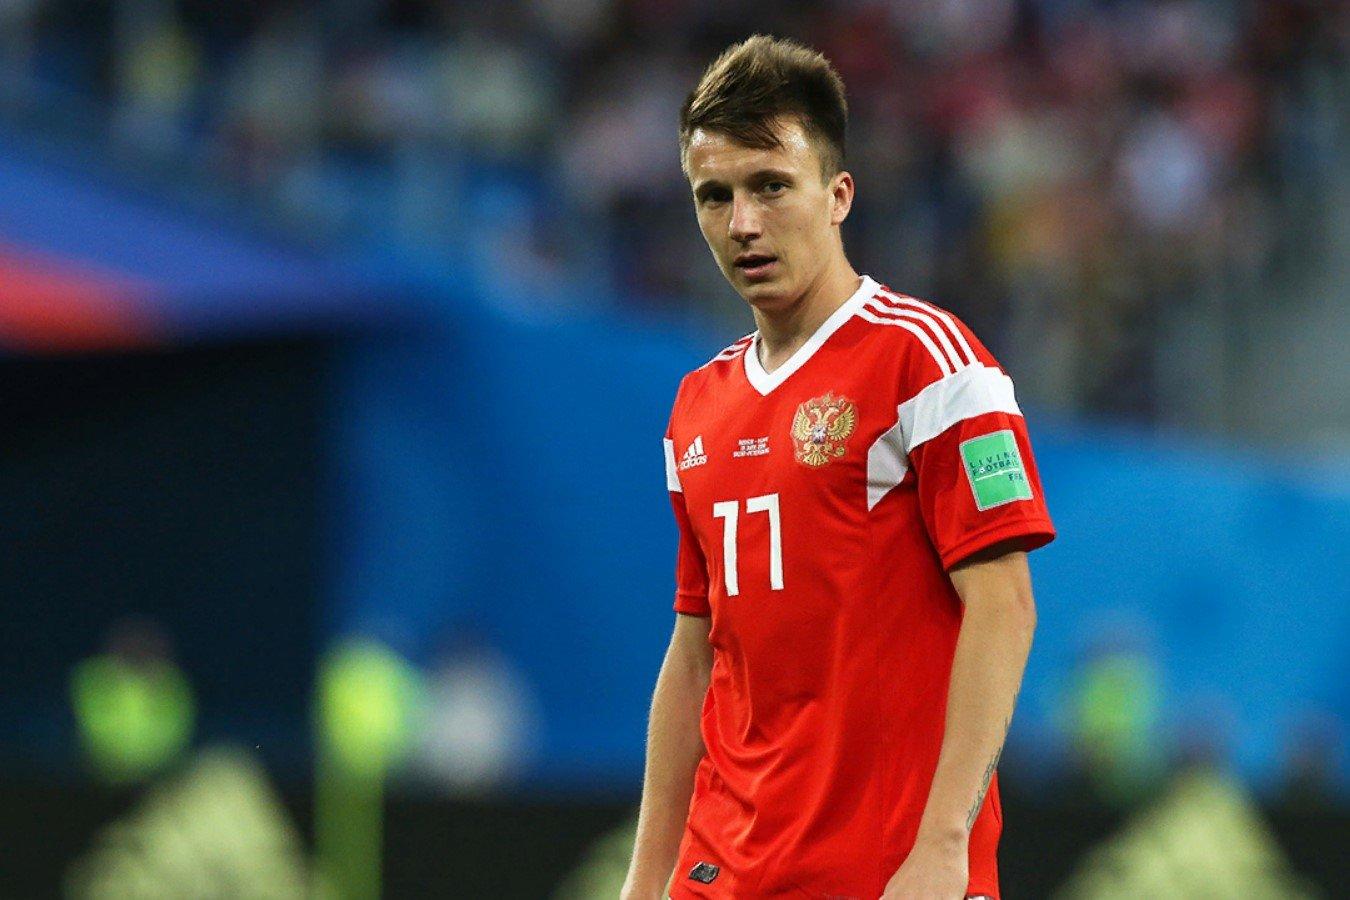 Головин  лучший футболист сборной России в FIFA 22, Лунёв  сильнейший вратарь